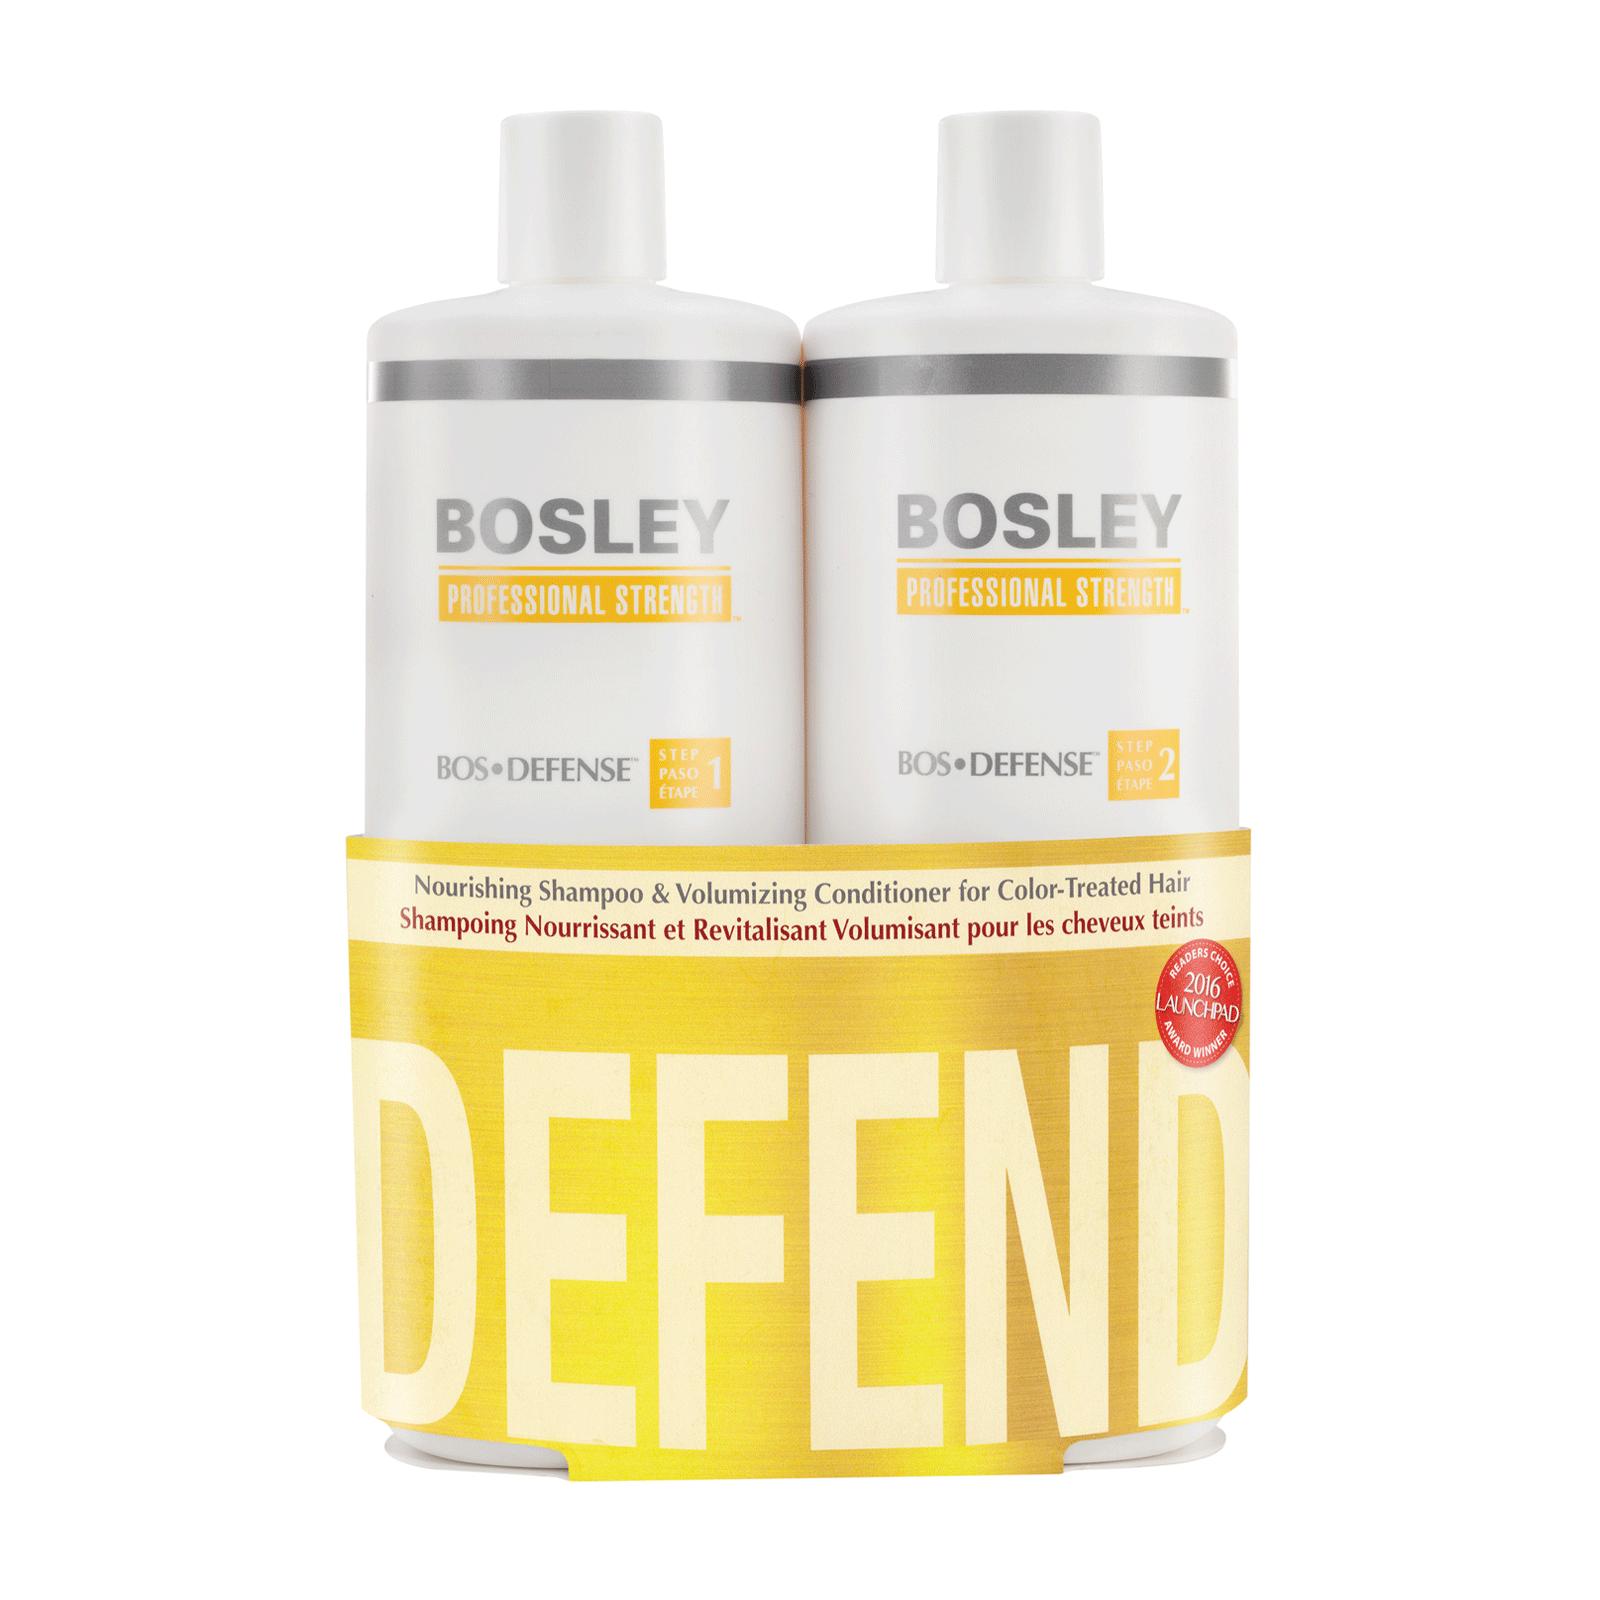 Bosley Professional Defense Shampoo & Conditioner for